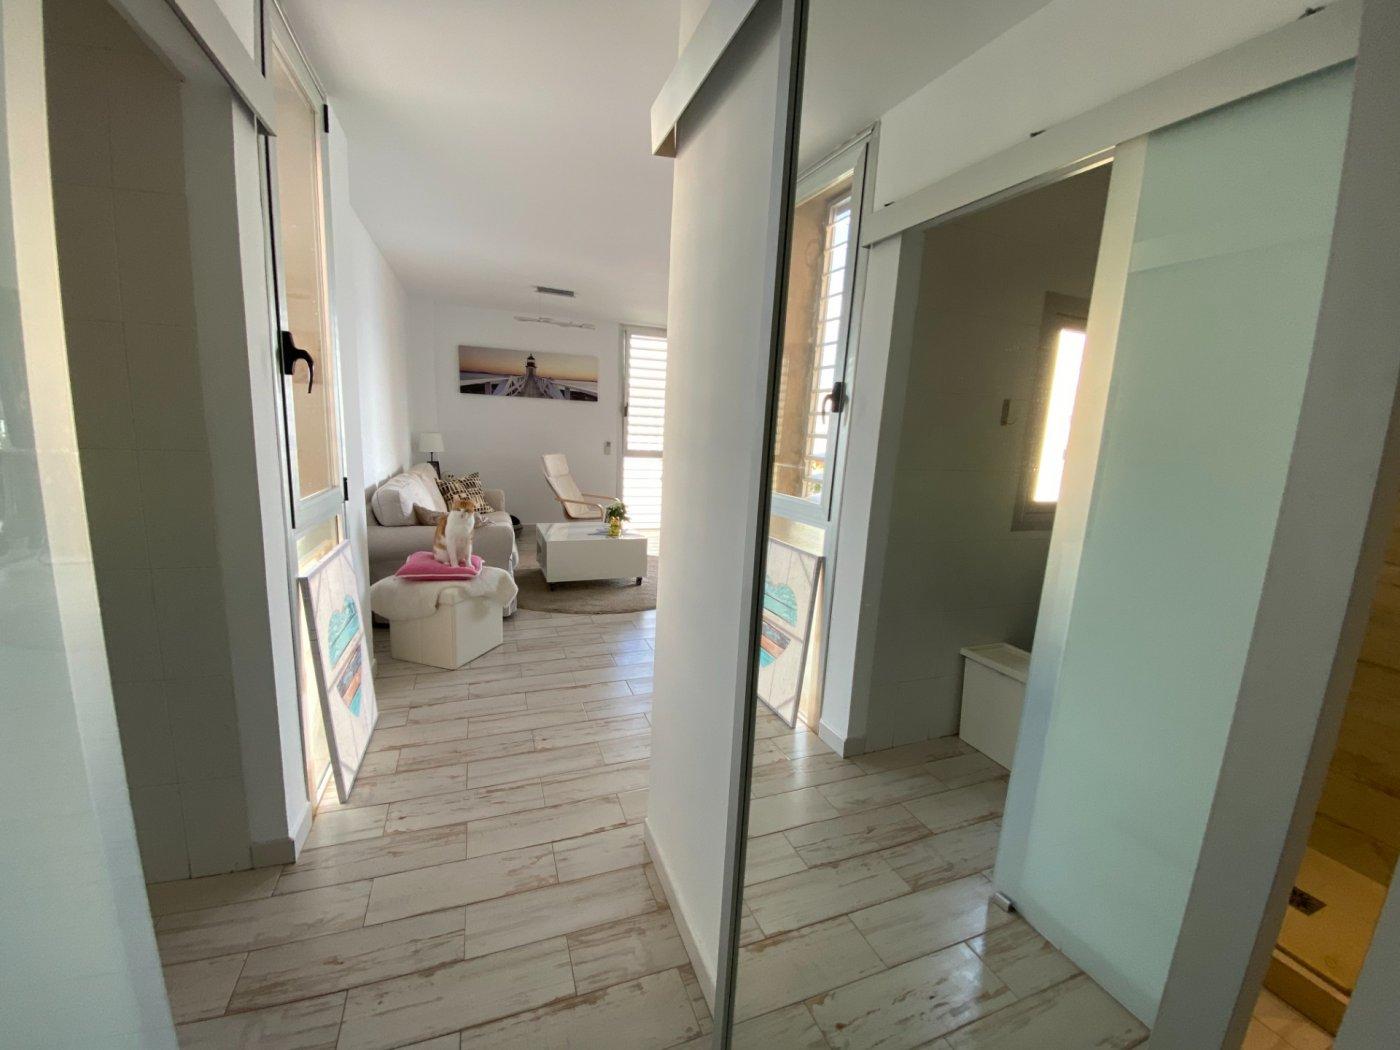 Alquiler con opcion de compra!espectacular apartamento con vistas al mar y parking propio - imagenInmueble34